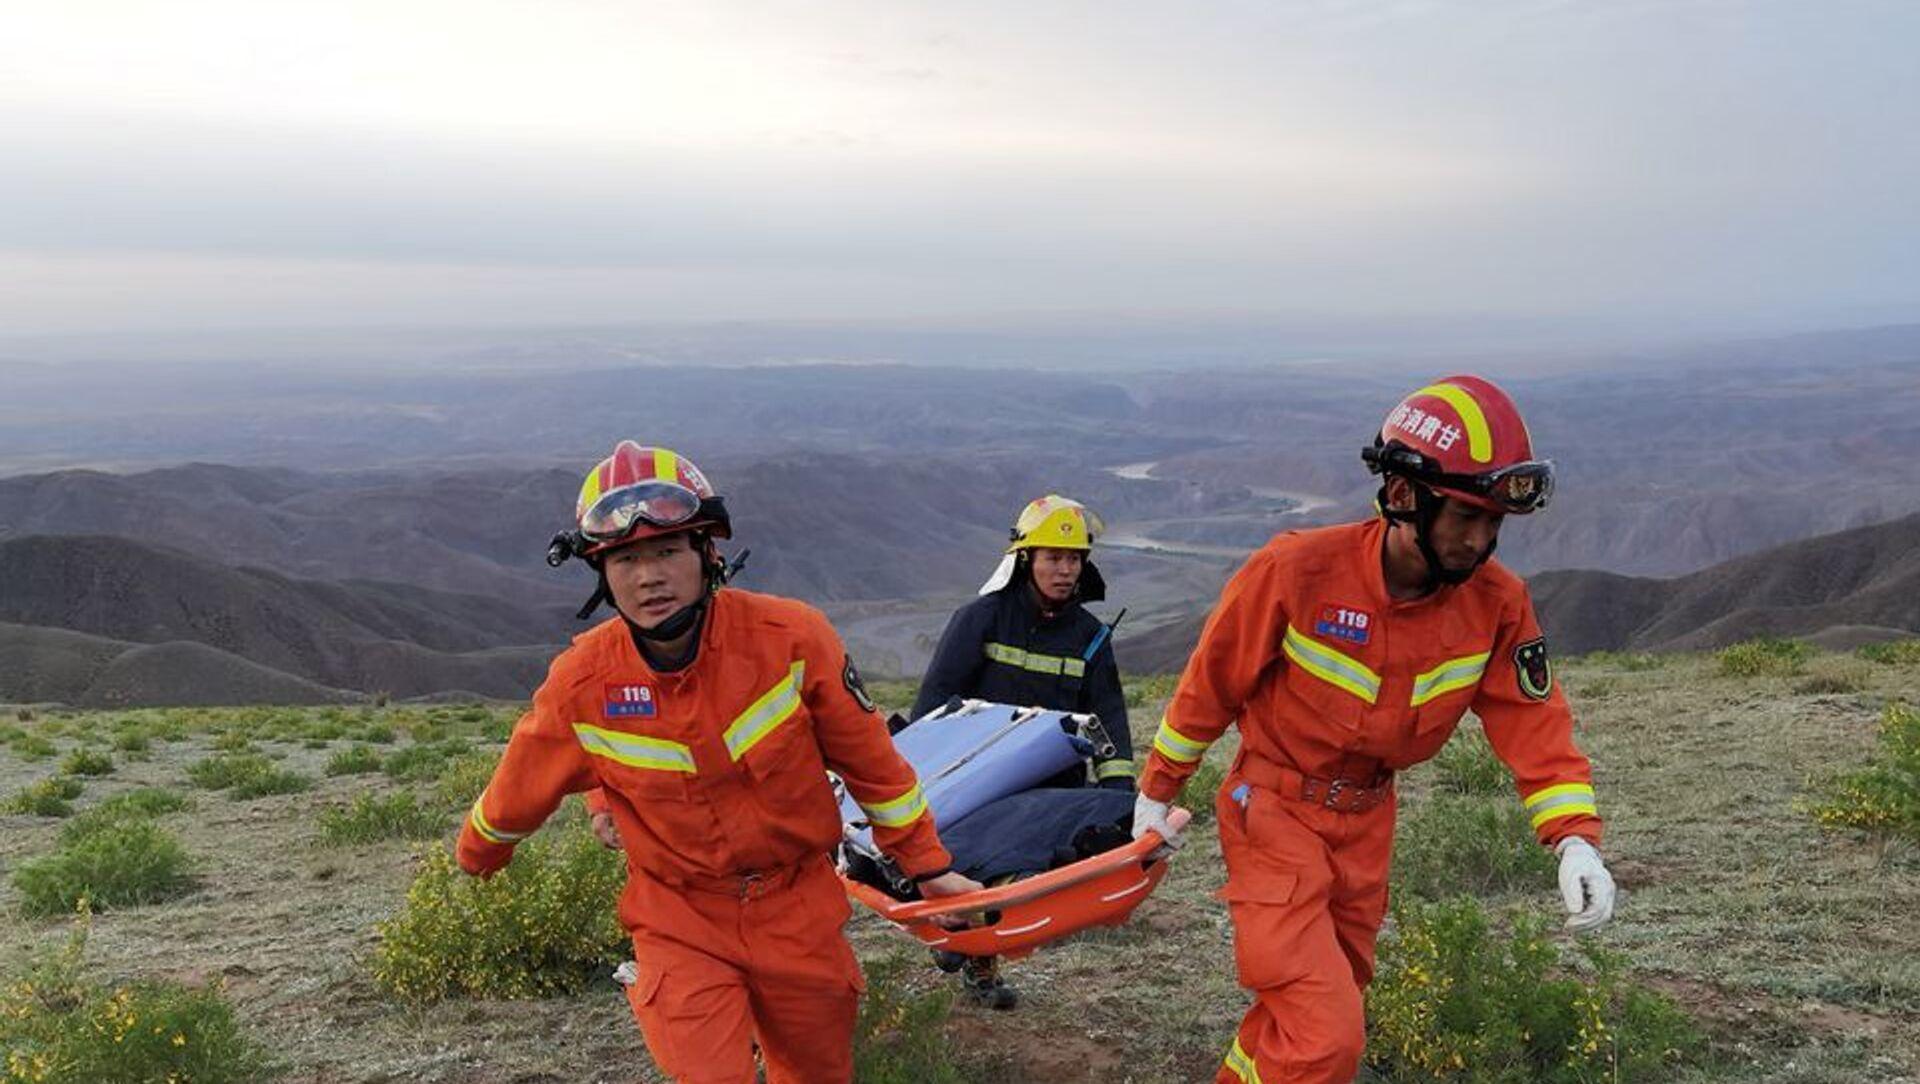 Çin'de maraton faciası: 21 sporcu ani hava değişimi nedeniyle hayatını kaybetti - Sputnik Türkiye, 1920, 25.05.2021